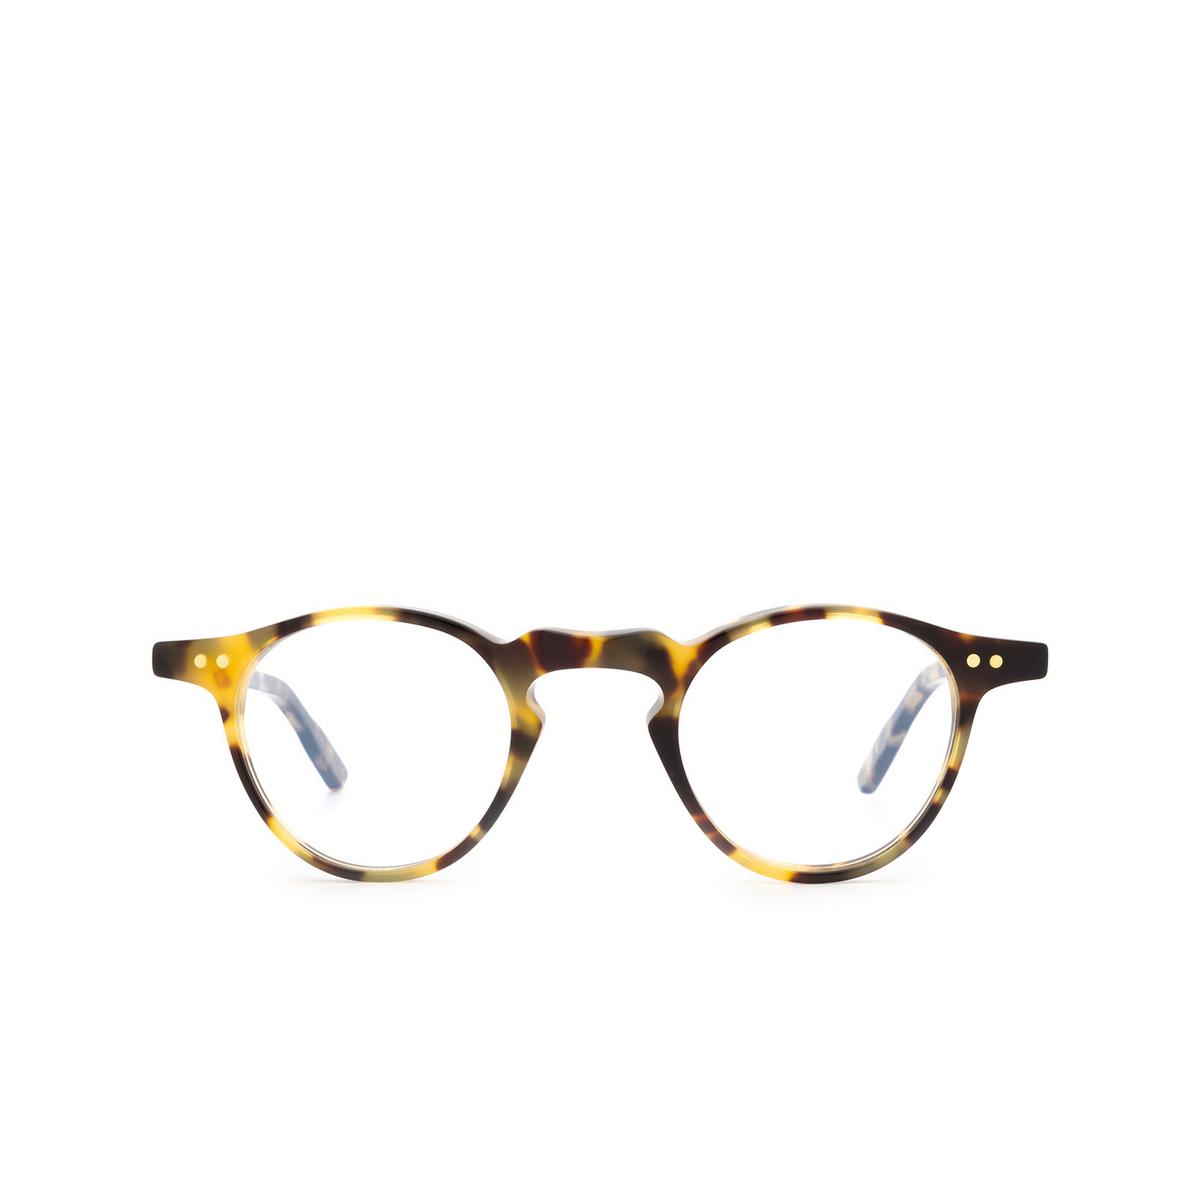 Lesca® Round Eyeglasses: P38 color Havana 4 - front view.